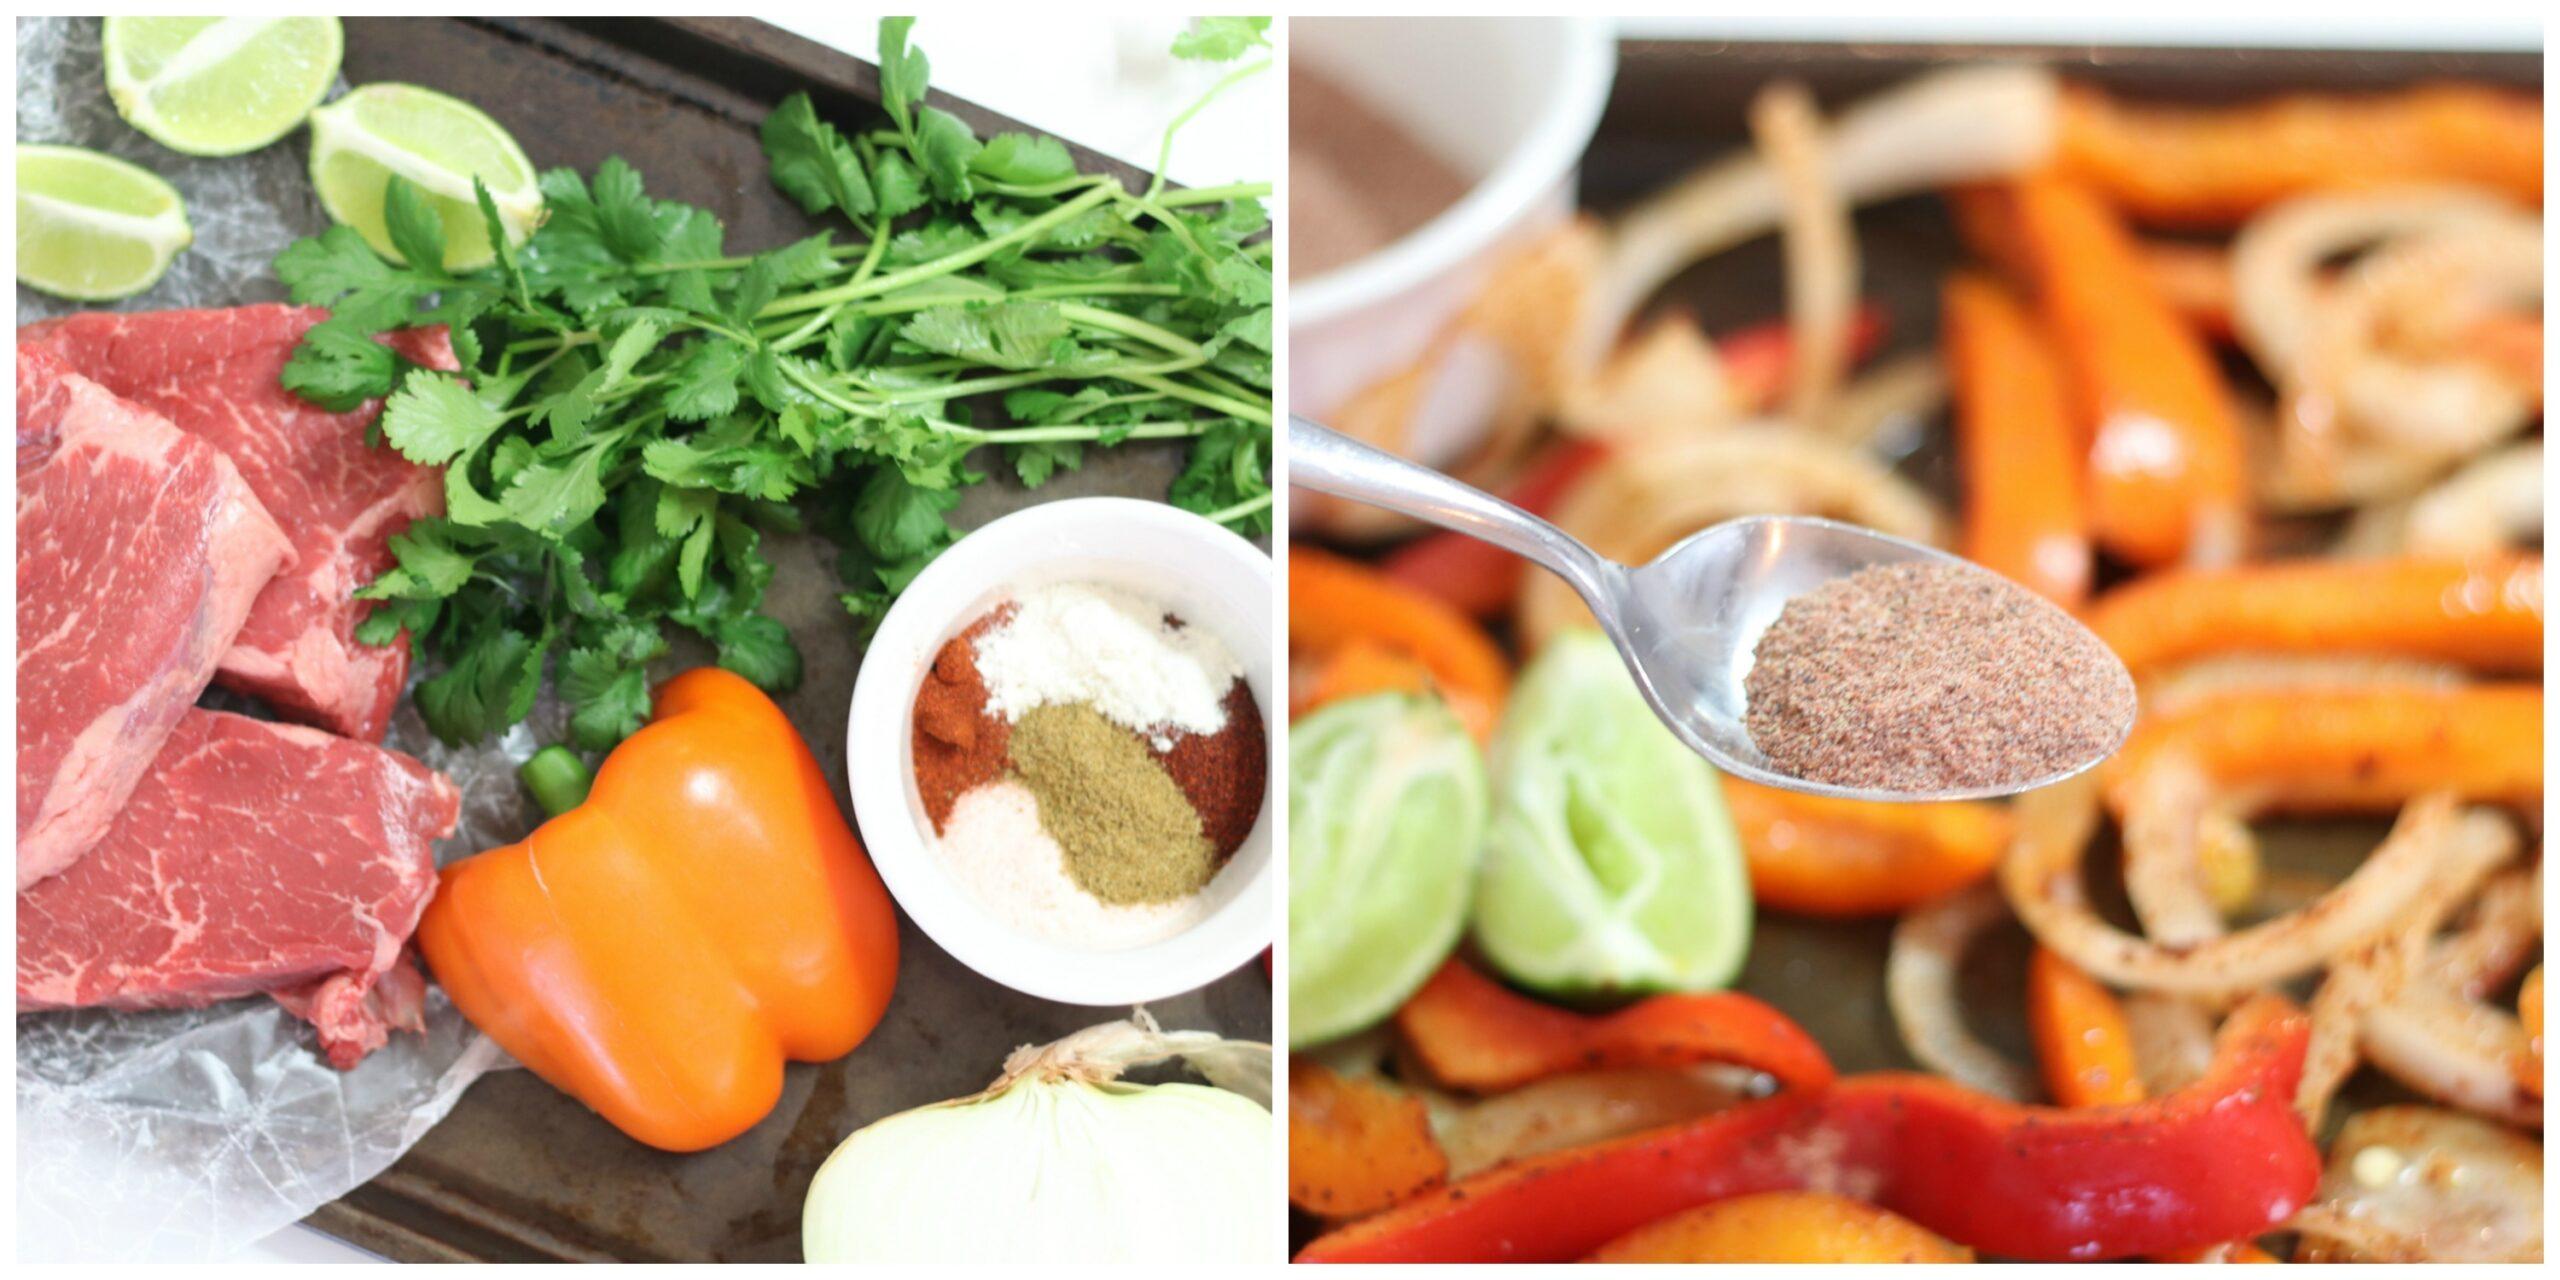 Sheet Pan Fajitas Ingredients